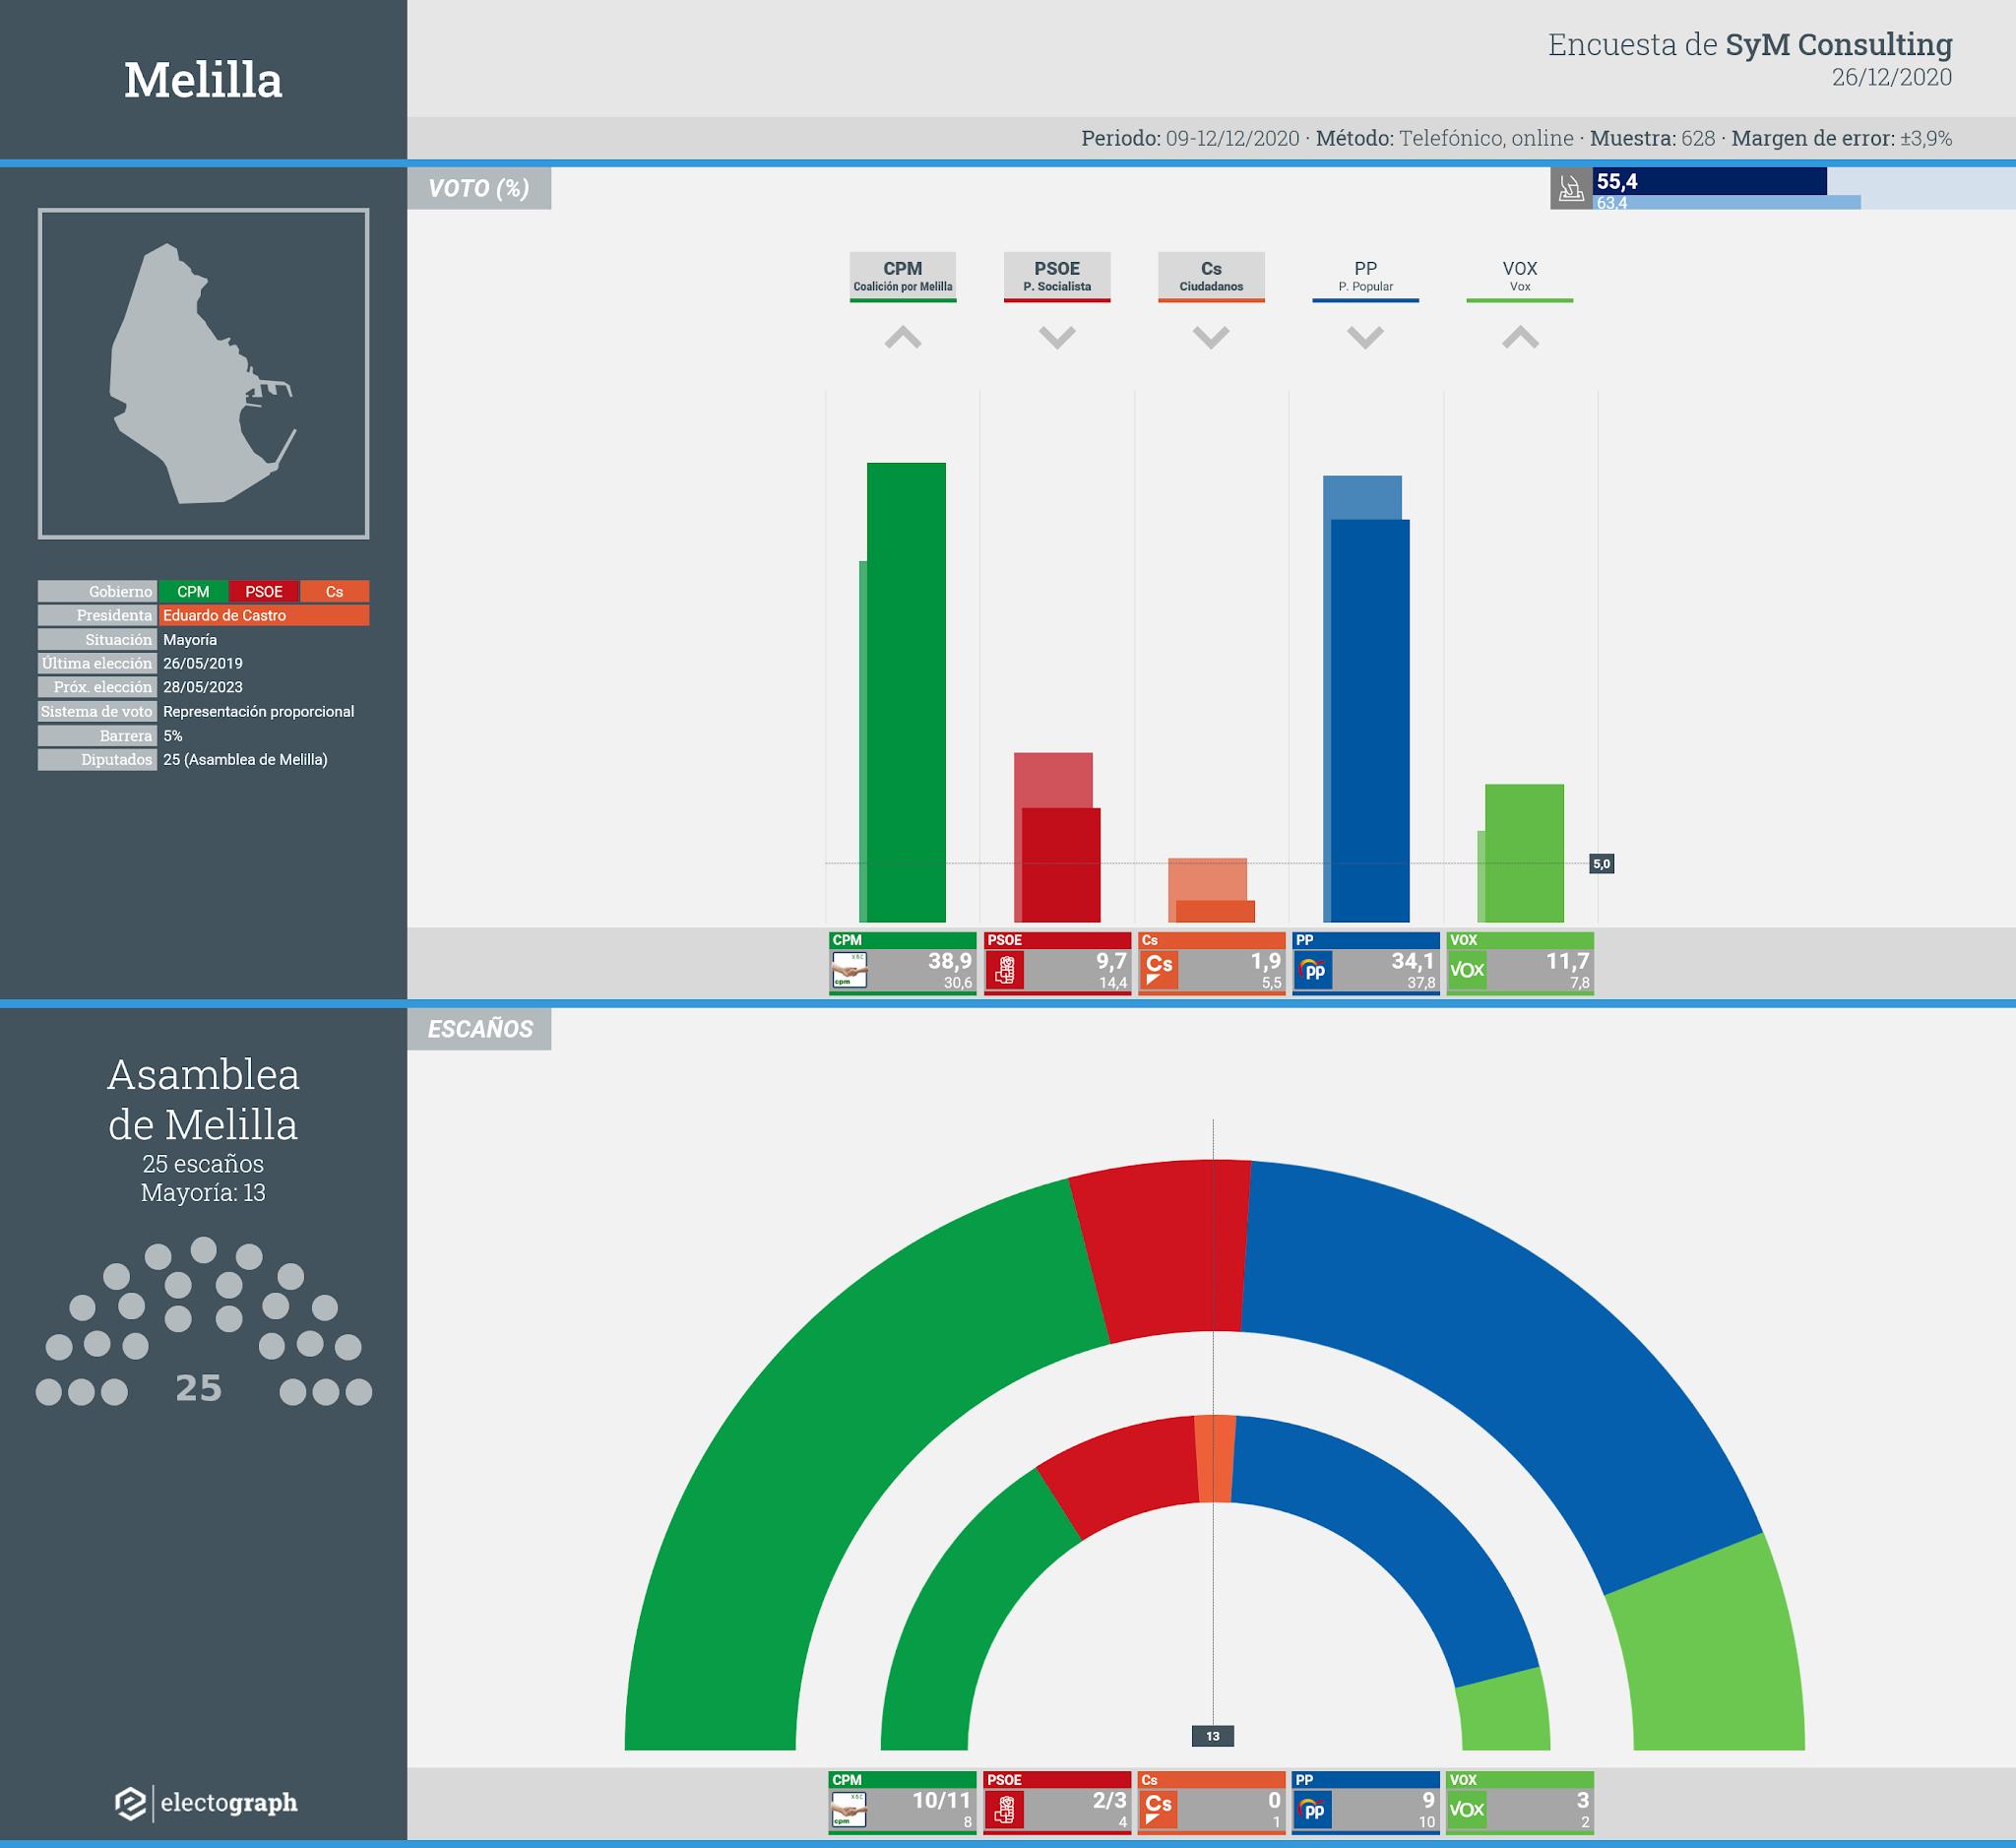 Gráfico de la encuesta para elecciones autonómicas en Melilla realizada por SyM Consulting, 26 de diciembre de 2020